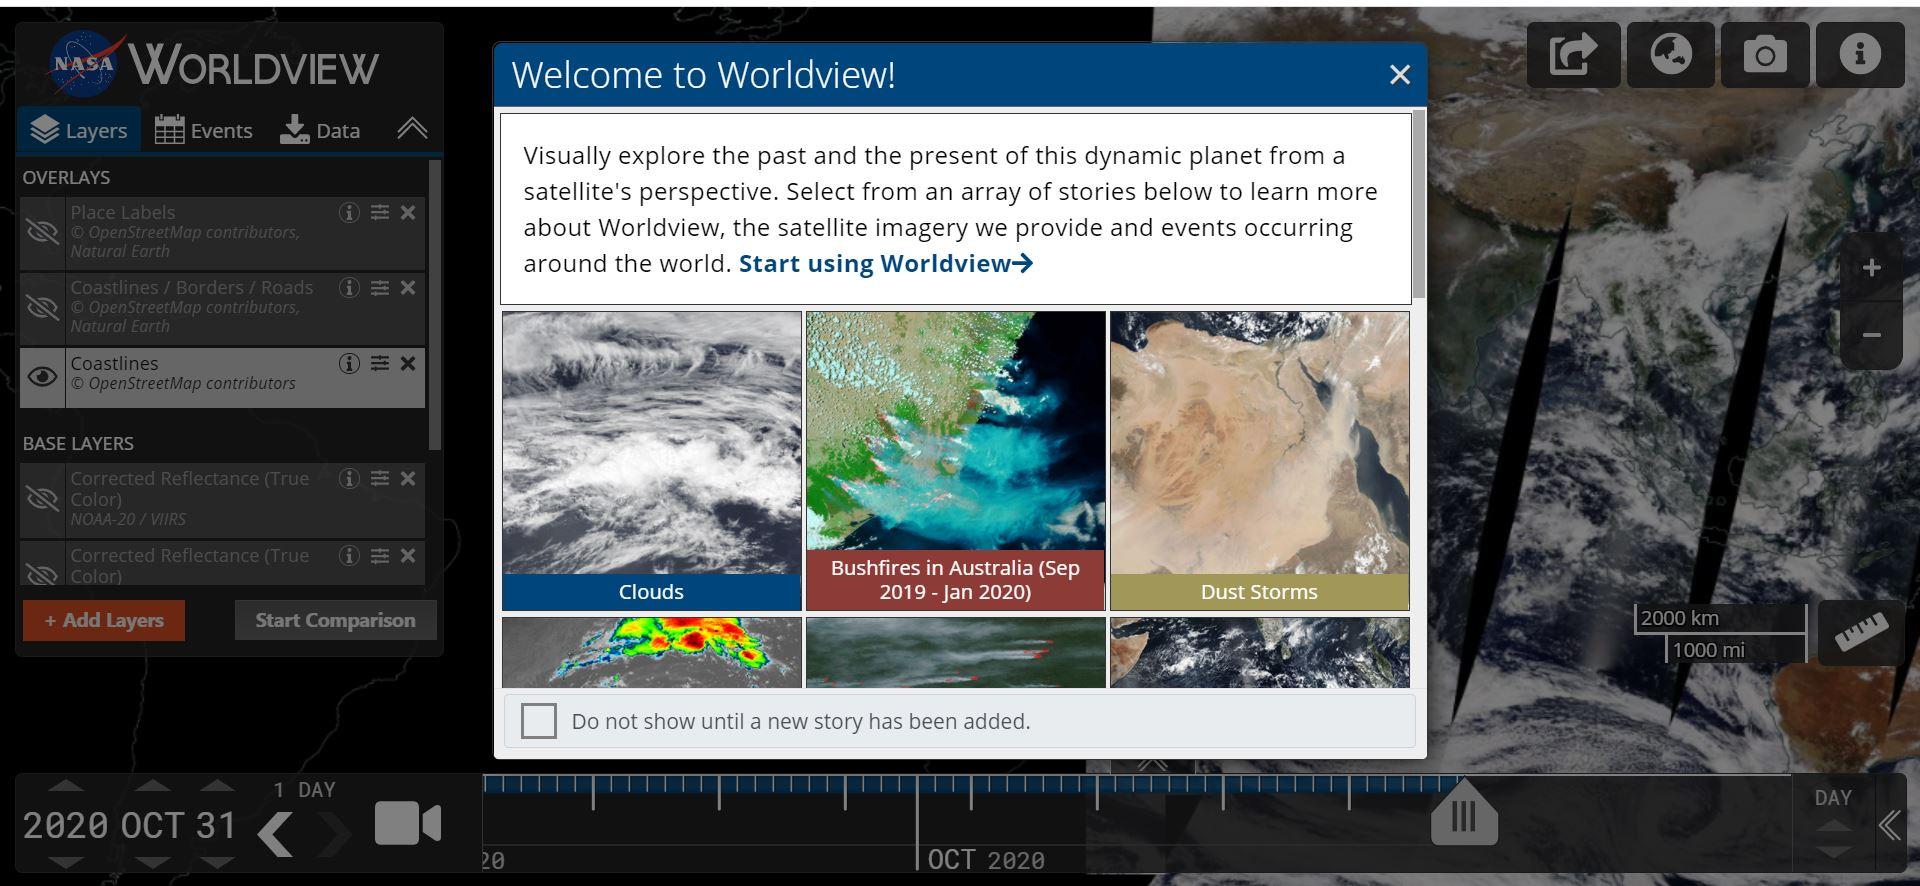 دانلود تصاویر از سایت Worldview